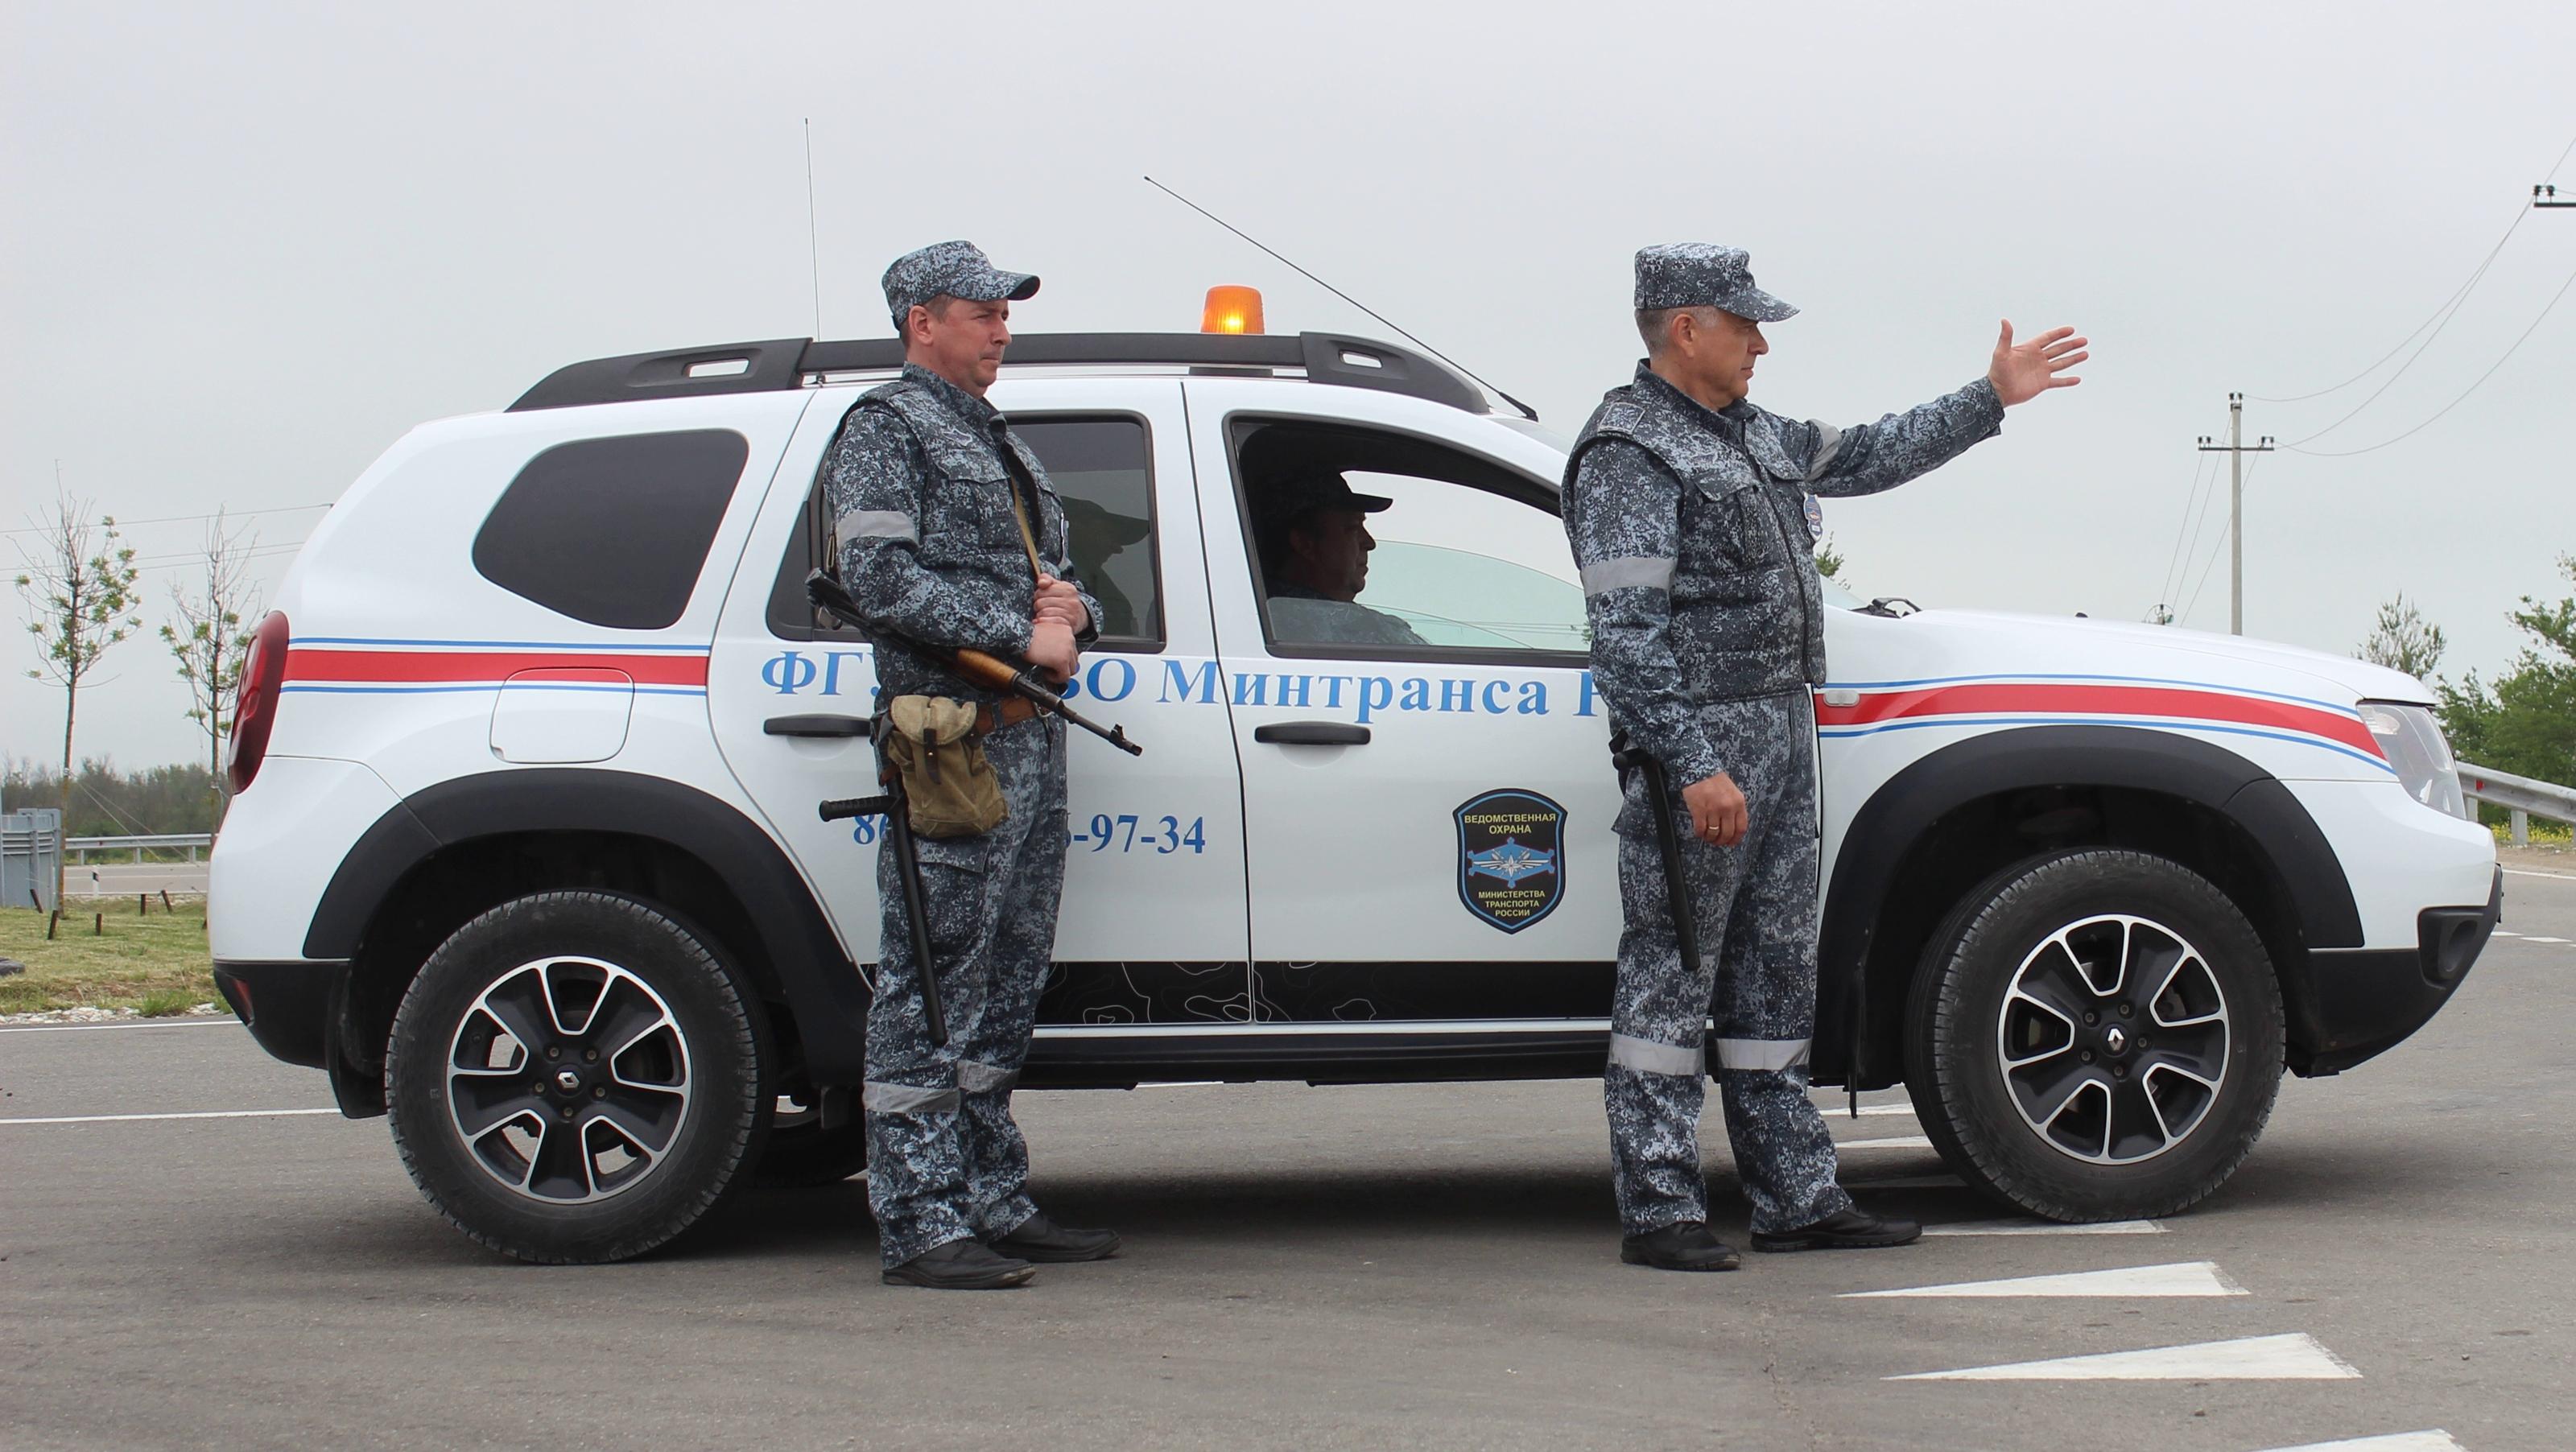 Ведомственная охрана Минтранса будет защищать железнодорожный объект в Крыму